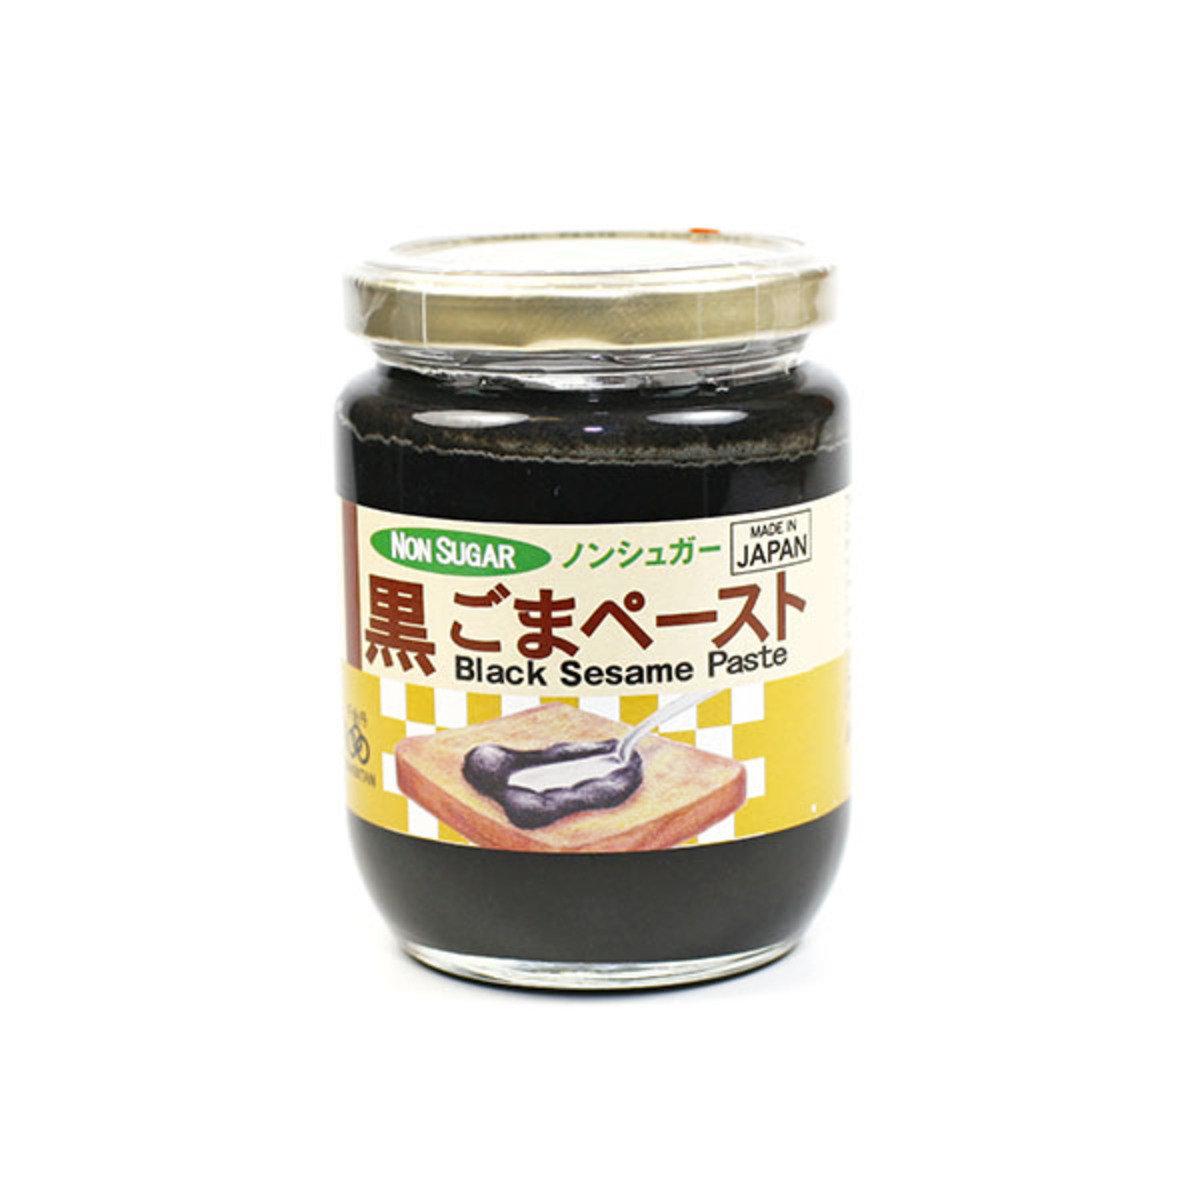 無糖黑芝麻醬 220g